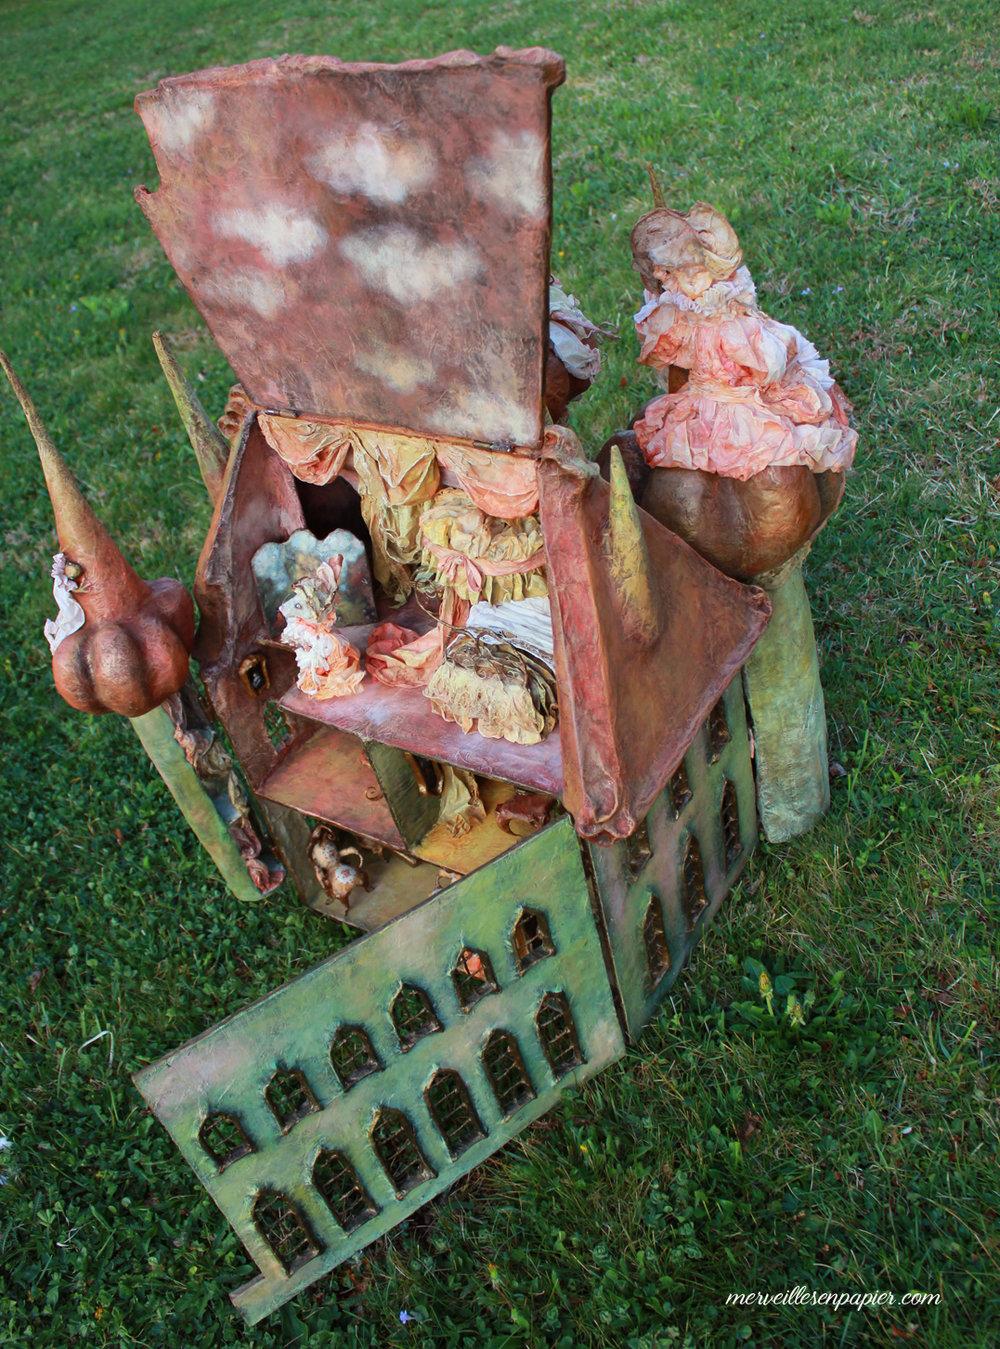 cinderella-dollhouse-96.jpg